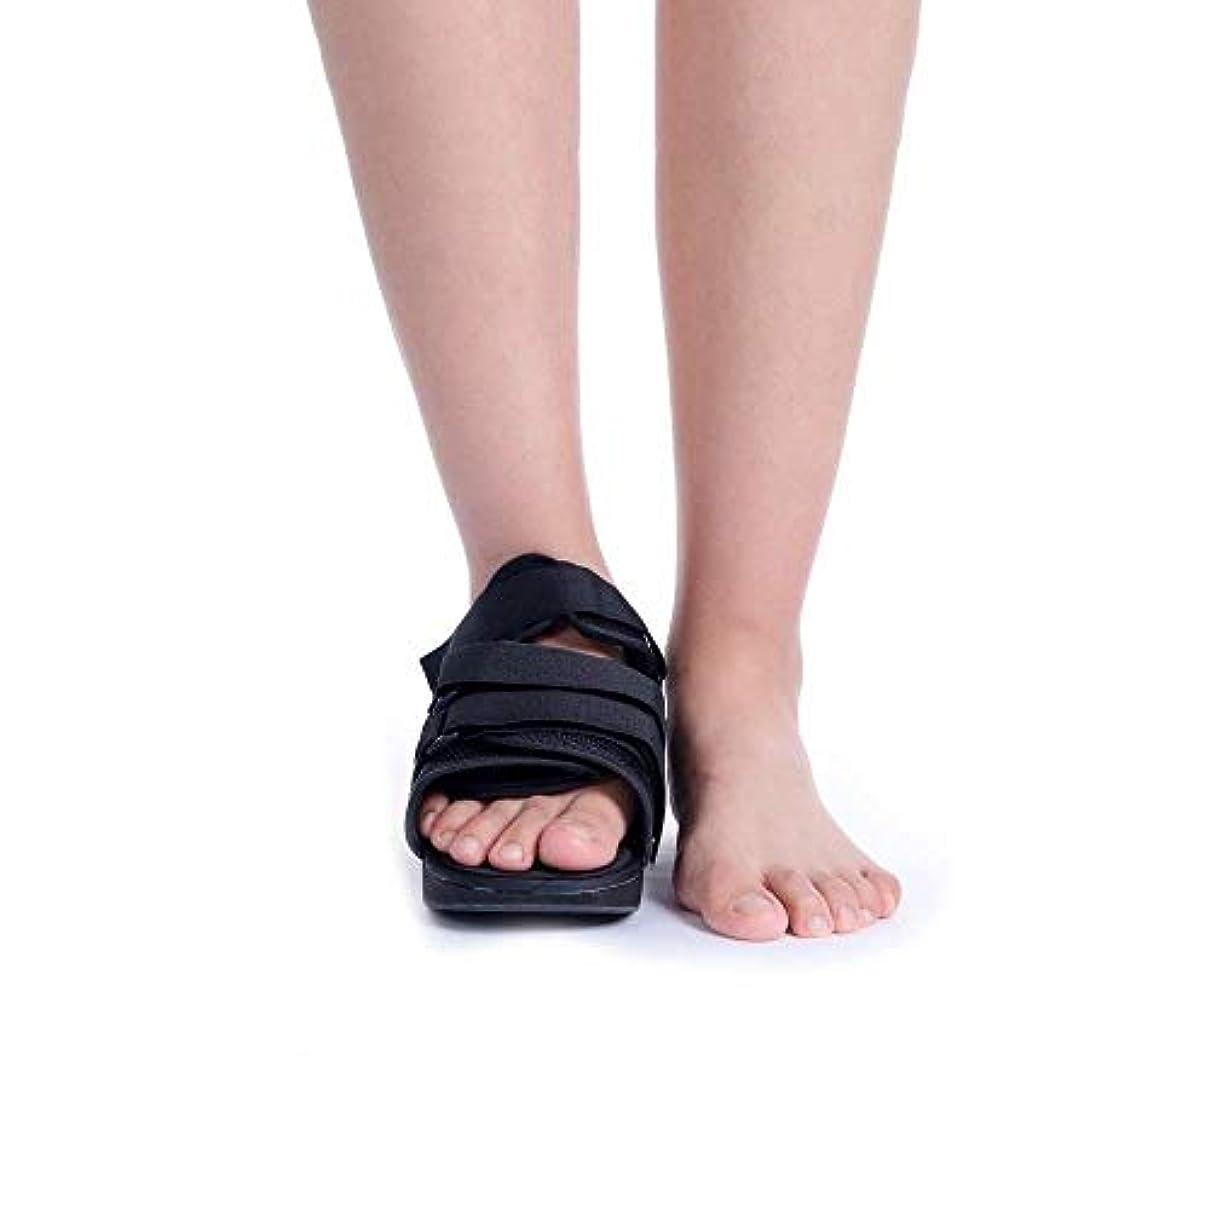 孤独懐伝染性の術後靴 - 従来の履物を使用することができない場合に、足またはつま先の手術/手術に最適です。 (Size : S)